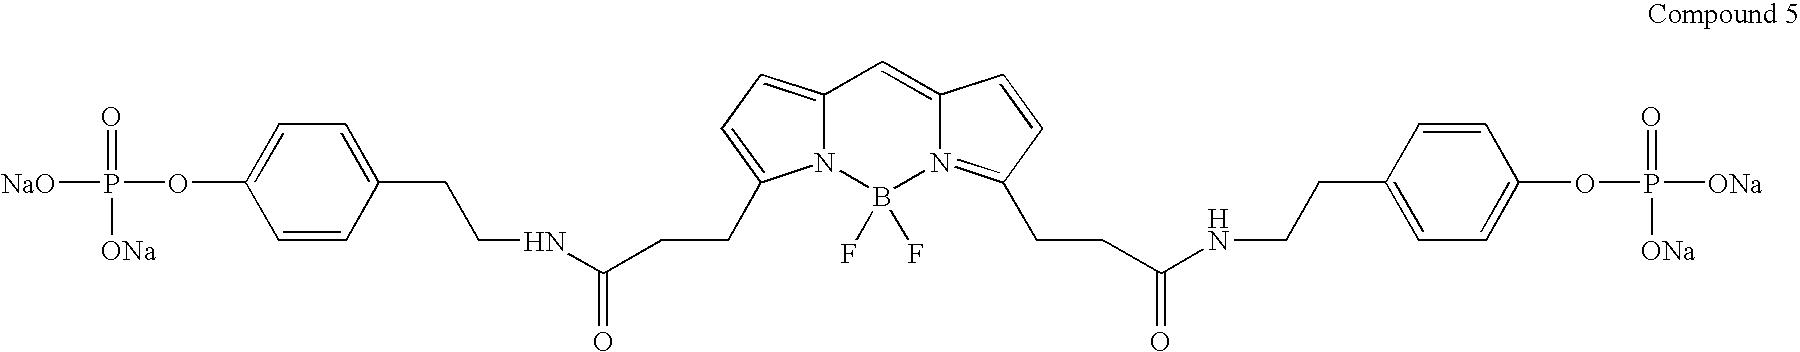 Figure US07282339-20071016-C00009